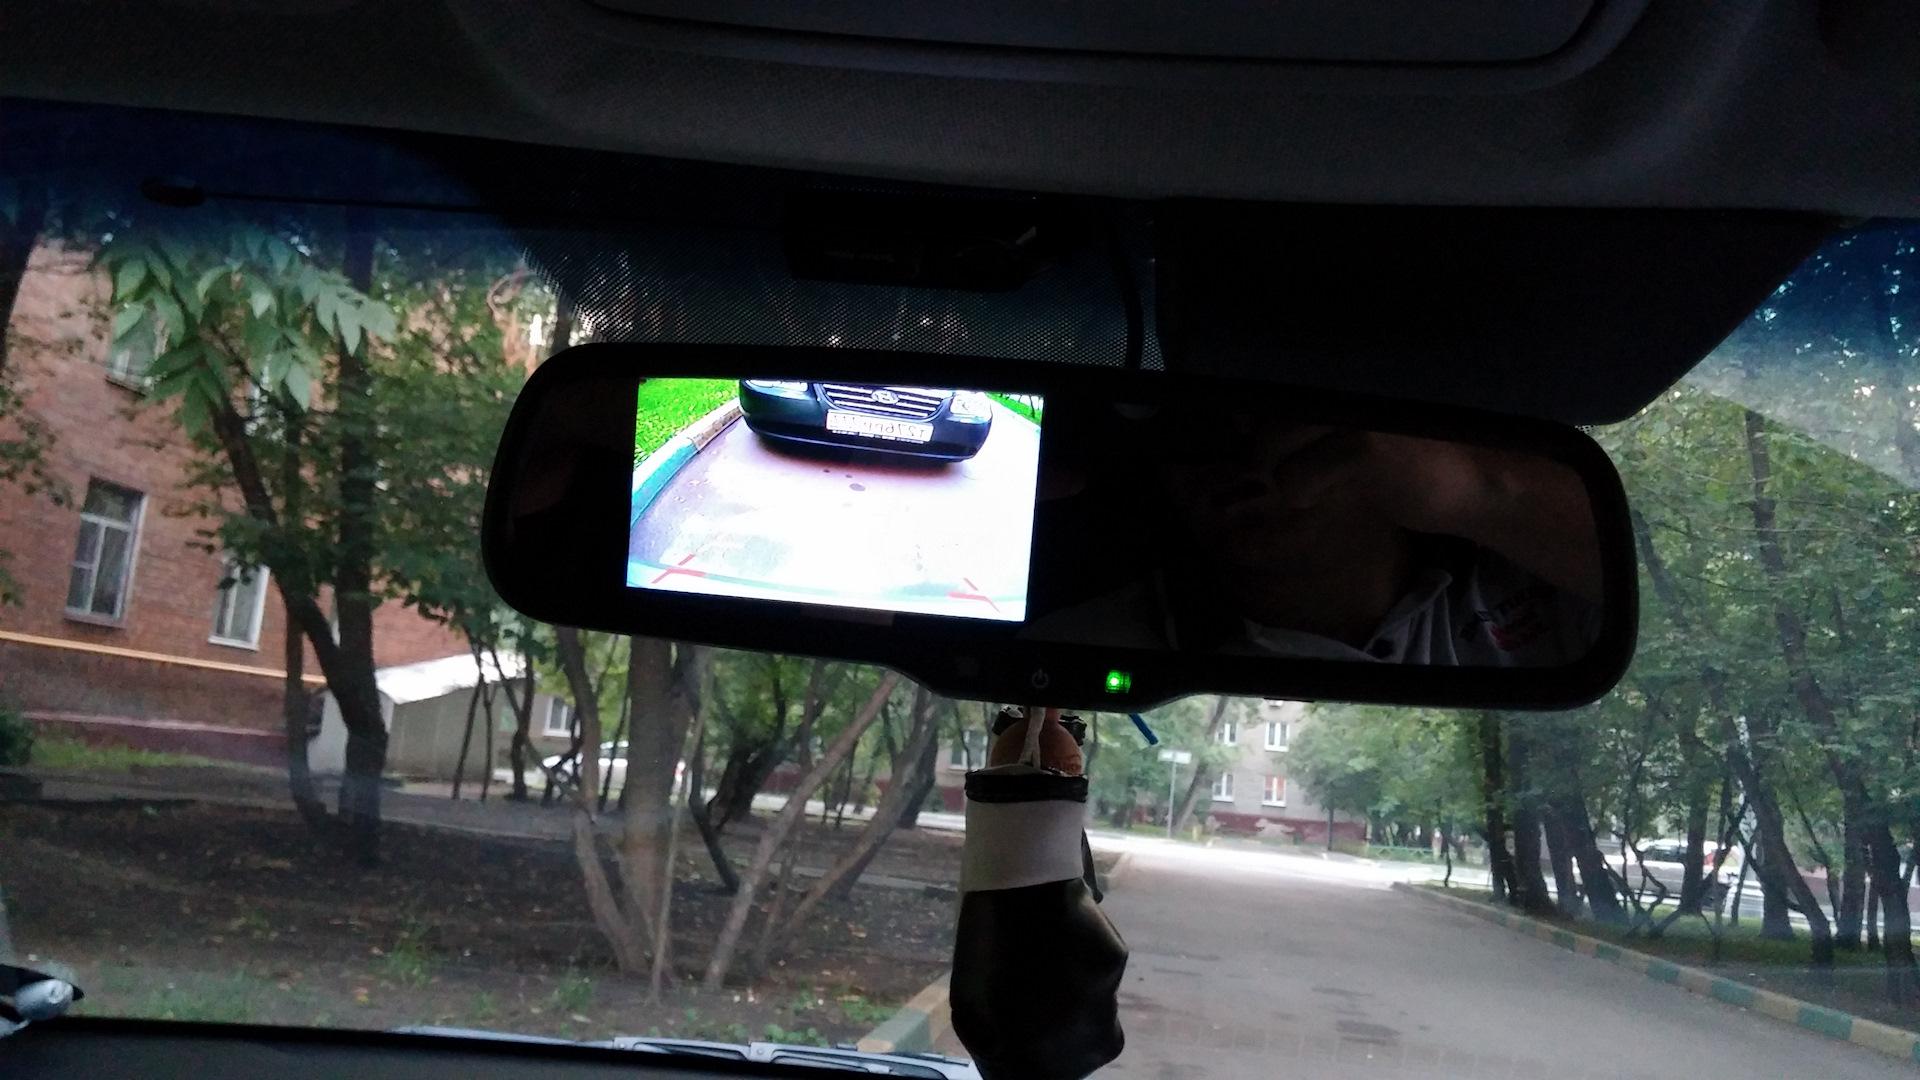 Регистратор в зеркале заднего вида с камерой заднего вида для соляриса недорогие и лучшие видеорегистраторы для автомобиля